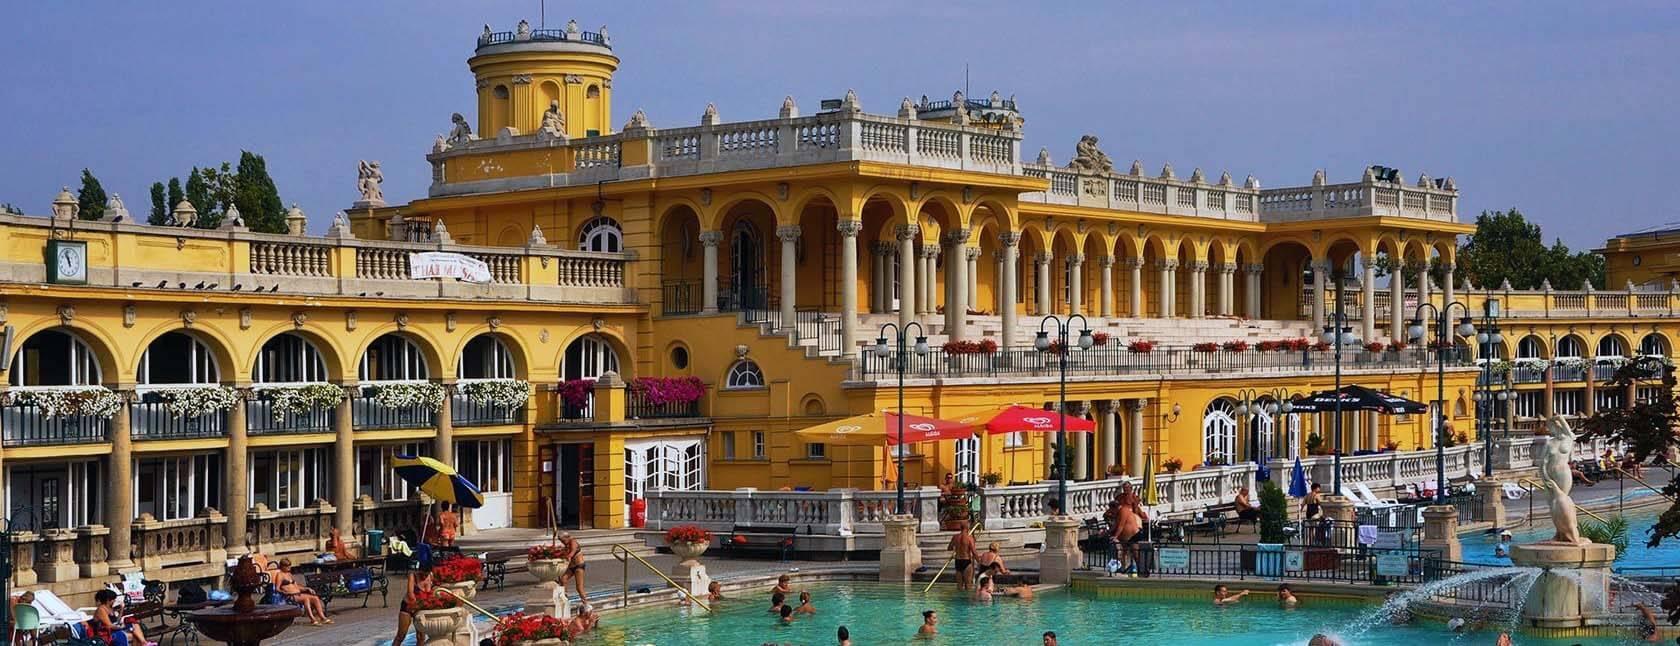 szechenyi-thermal-bath-budapest